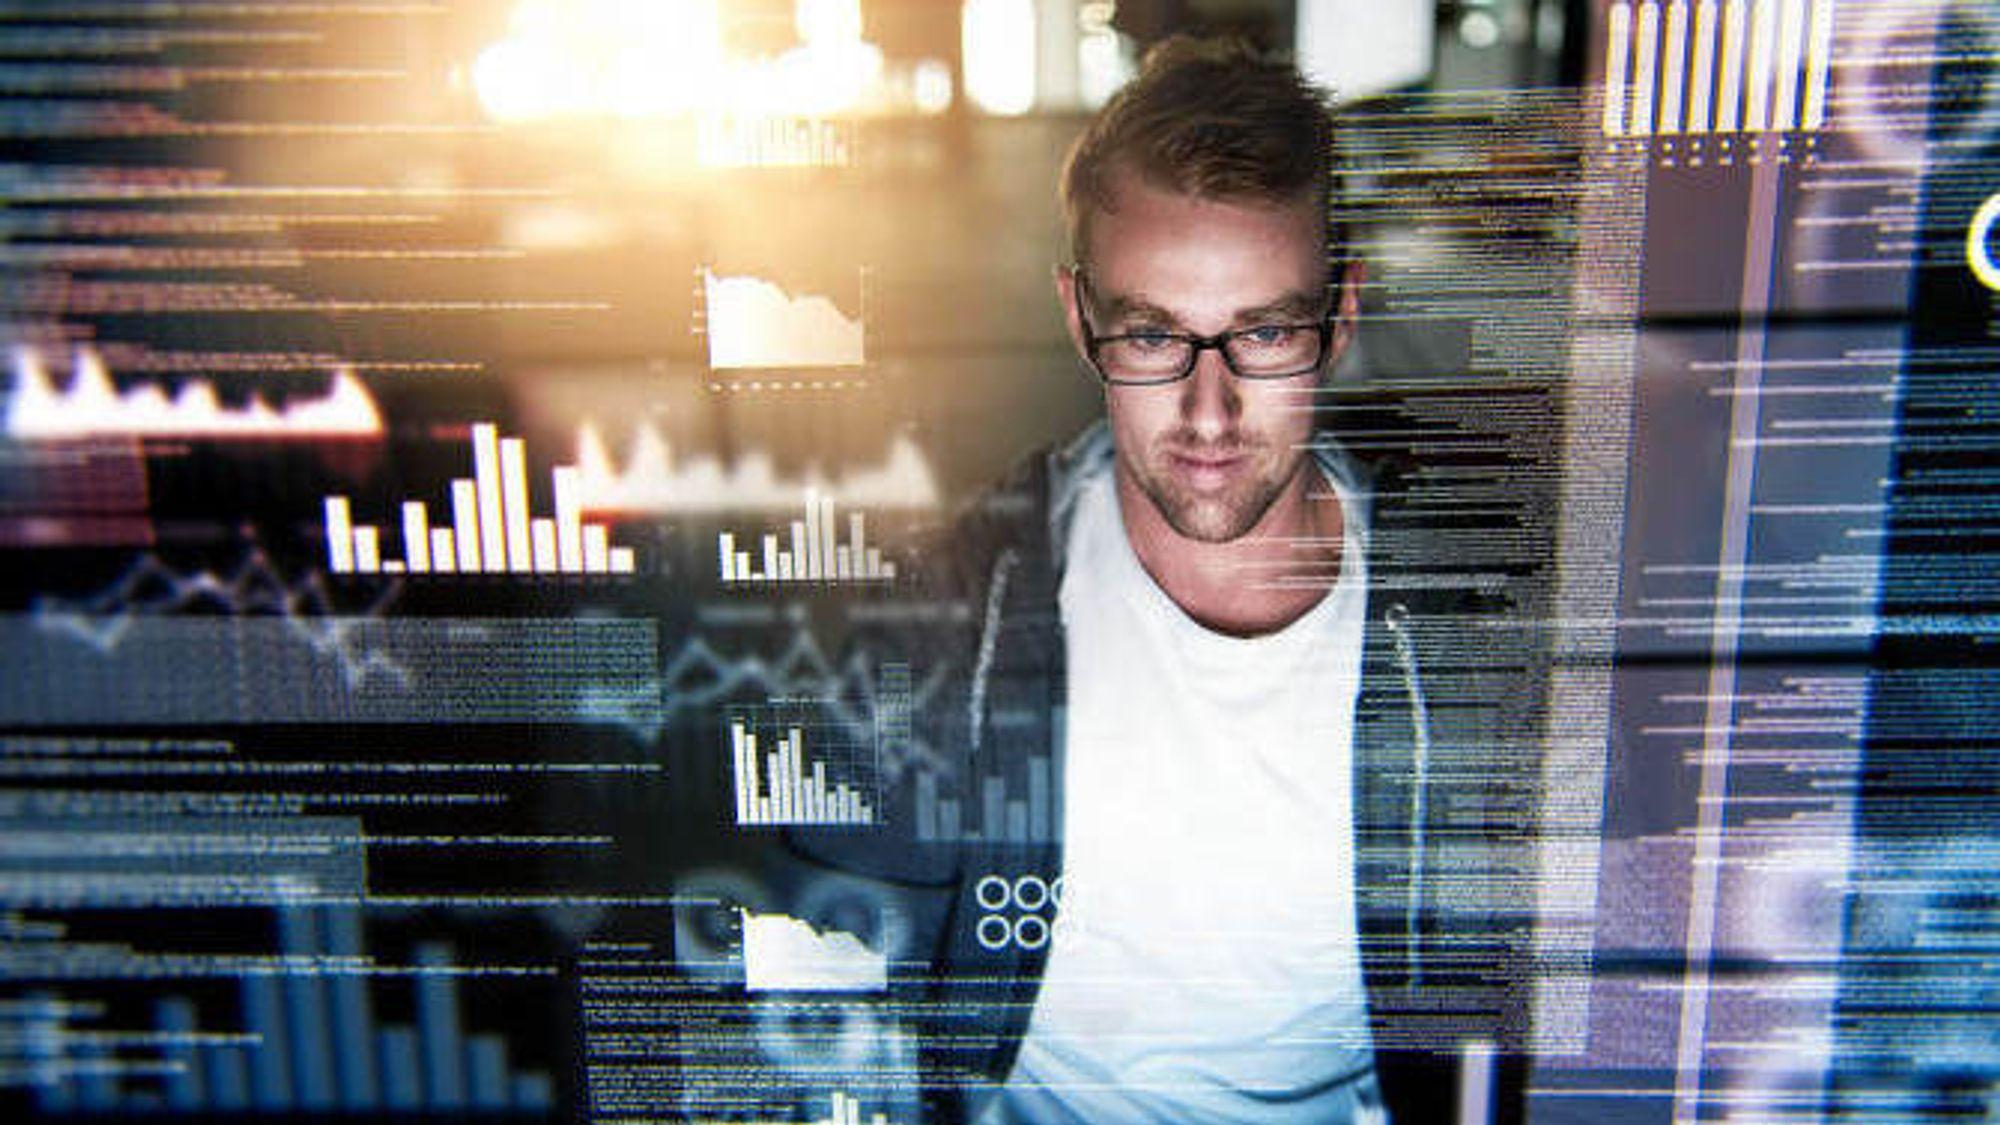 Mange bedriftsledere innen bygg og eiendom mener at effektivisering er det viktigste resultatet av digitalisering.